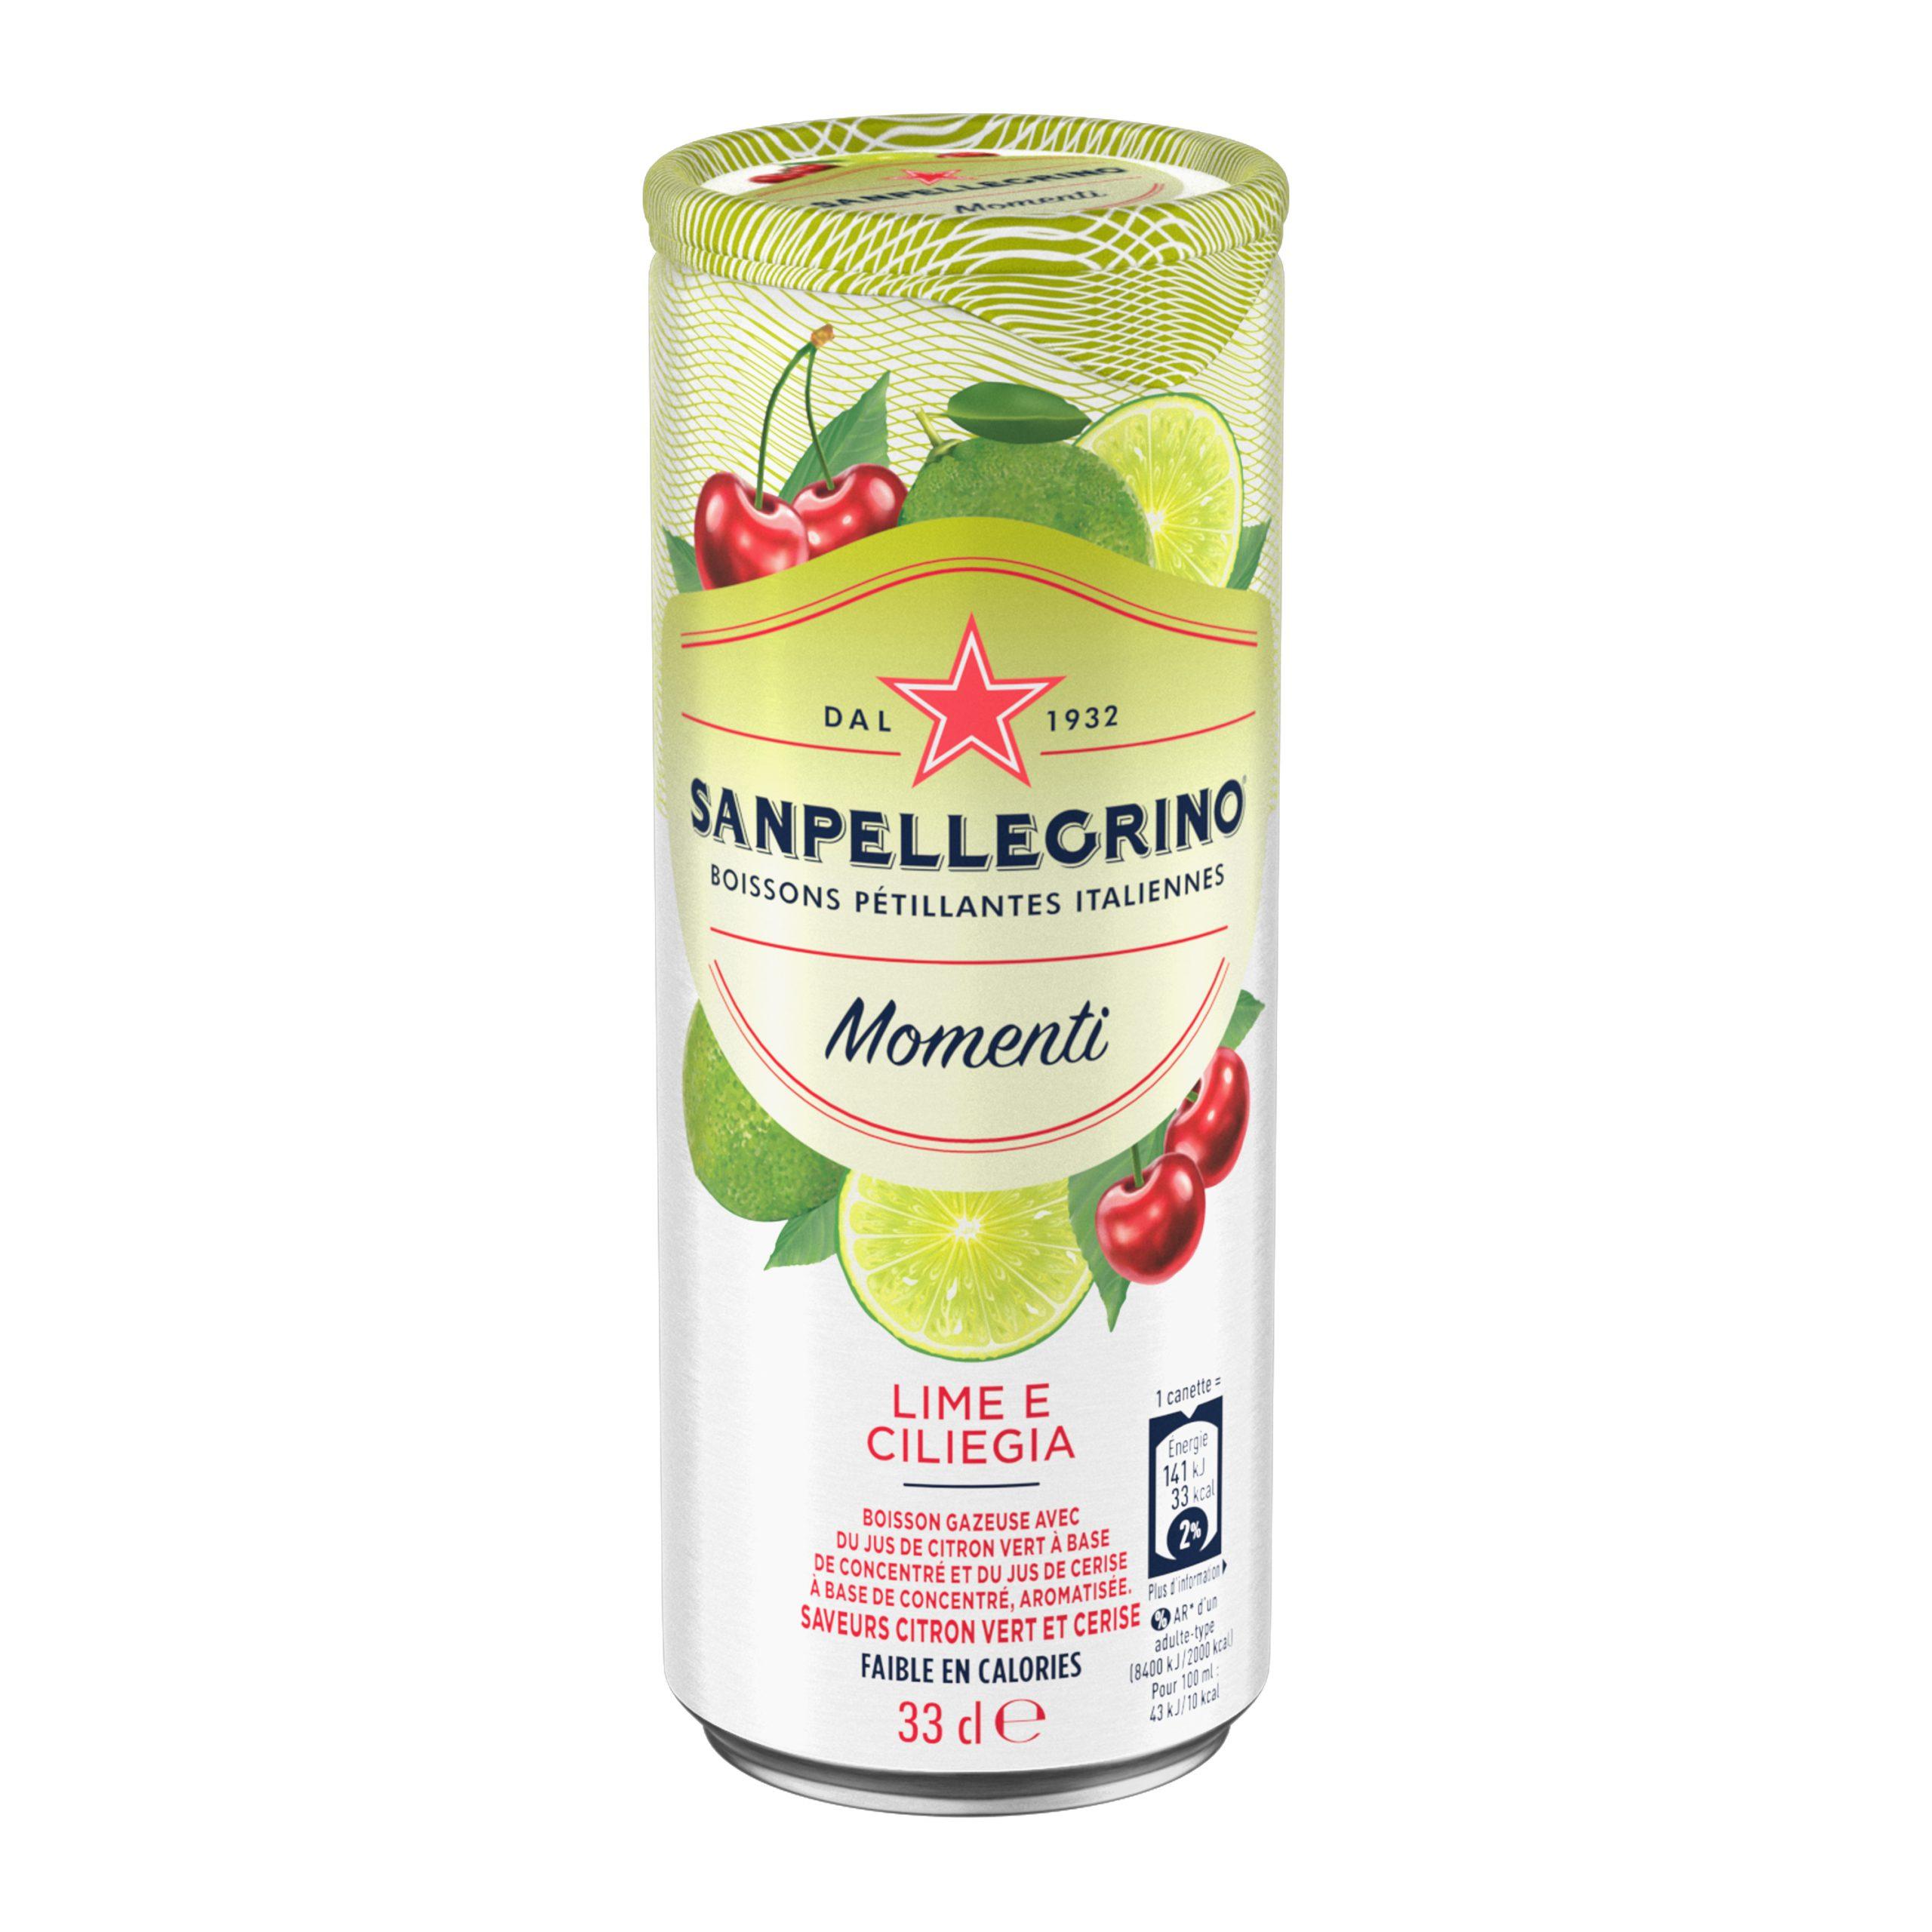 08002270816772 NO1 Beauty 1 copie scaled - 2 nouvelles saveurs fruitées pour Sanpellegrino Momenti